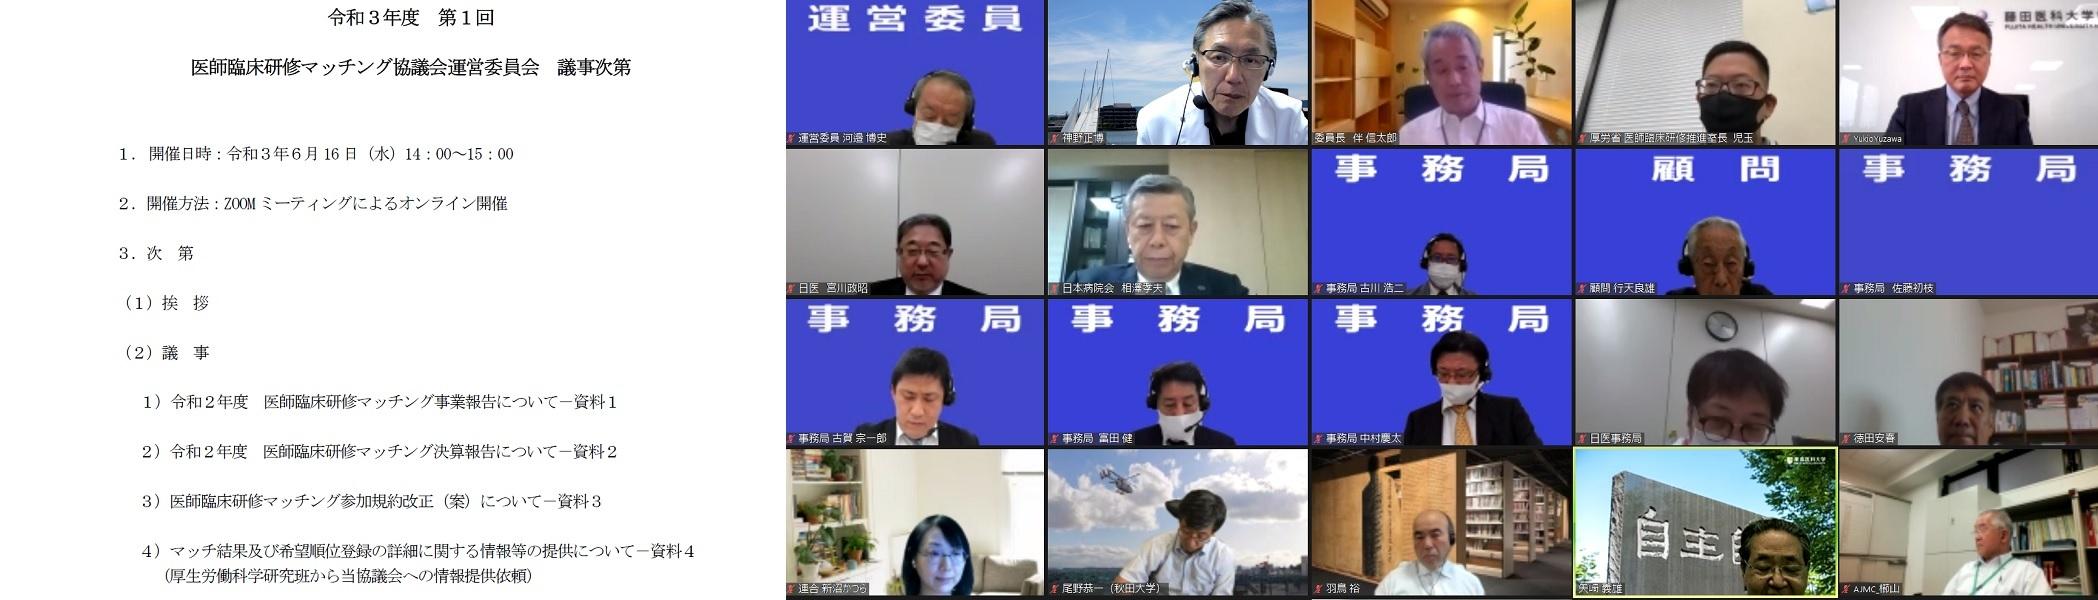 七尾のSDGsや董仙会理事会_b0115629_10354416.jpg